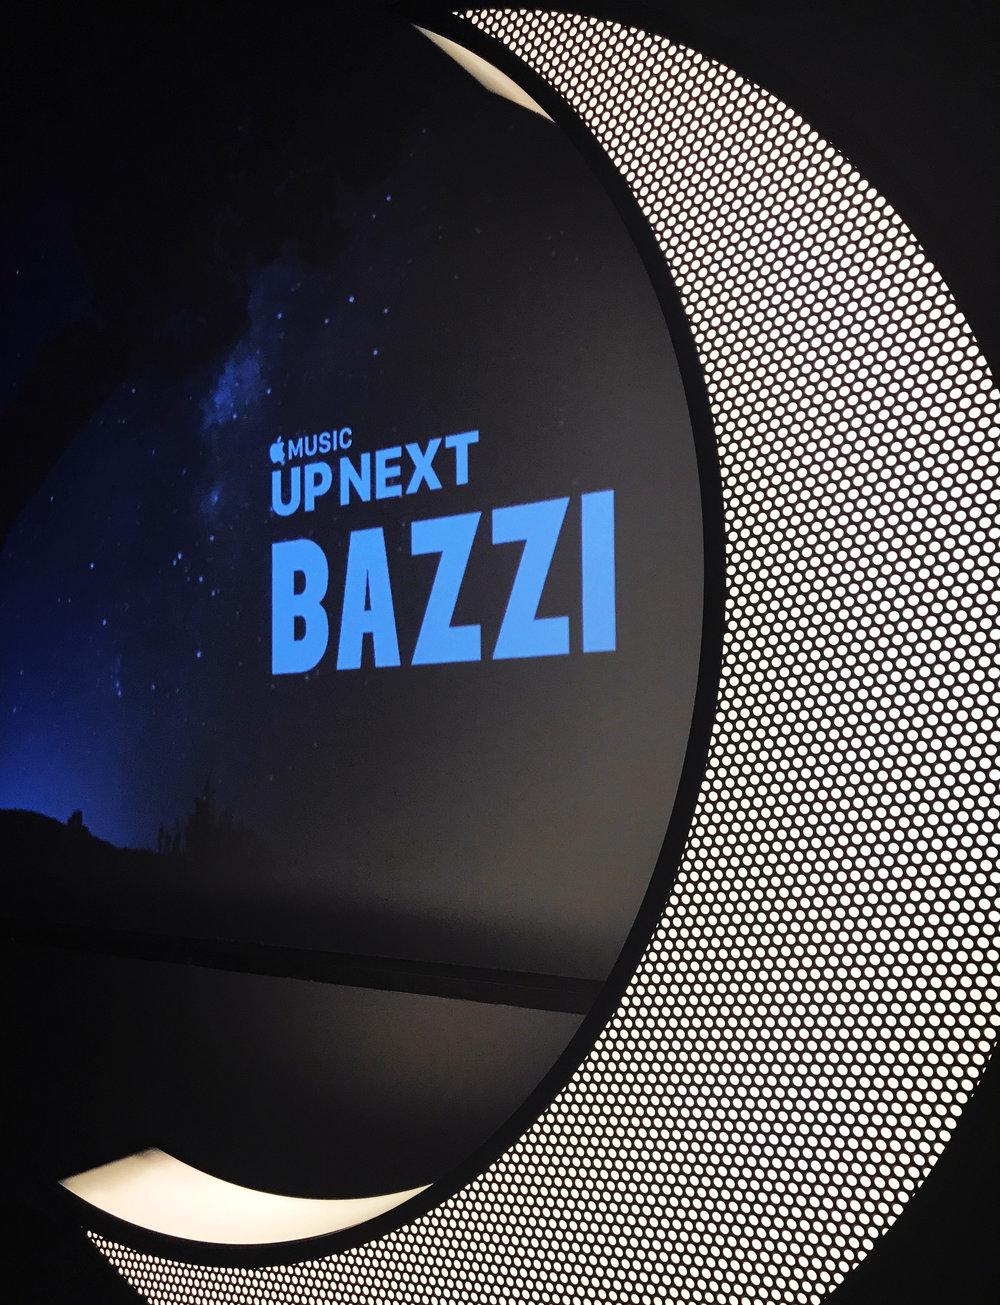 BAZZI 03.JPG